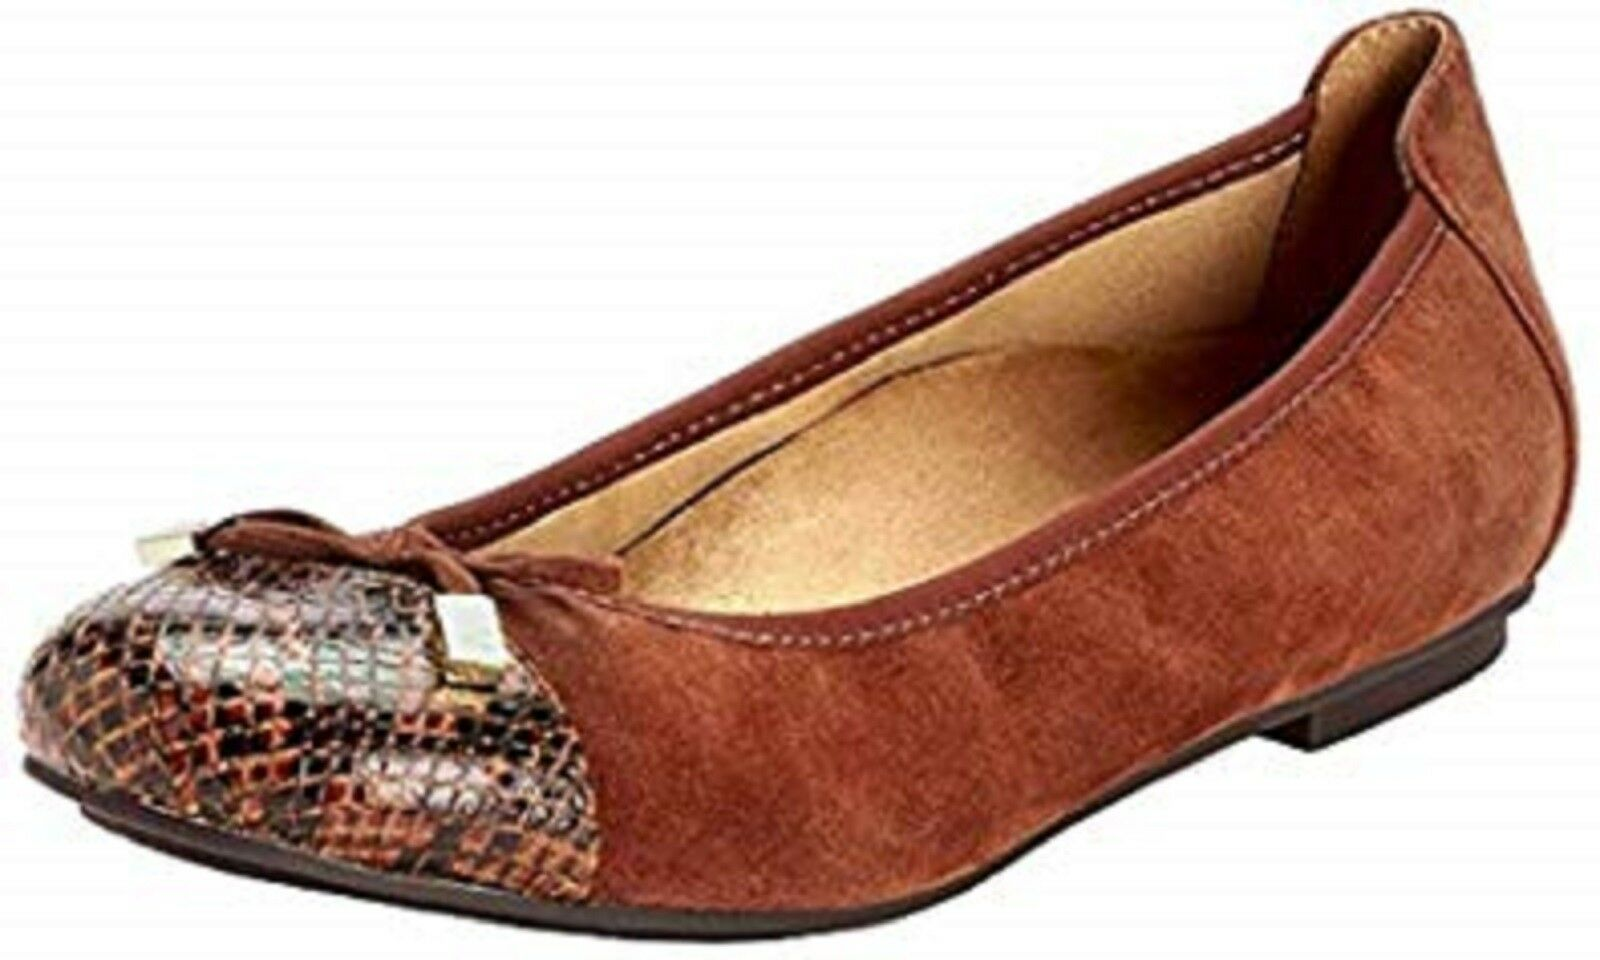 Vionic-Spark Minna-Gamuza Serpiente Serpiente Serpiente Diseño Ballet Zapatos sin Taco Sin Marrón Talla 7.5 Ancho Nuevo en Caja  respuestas rápidas